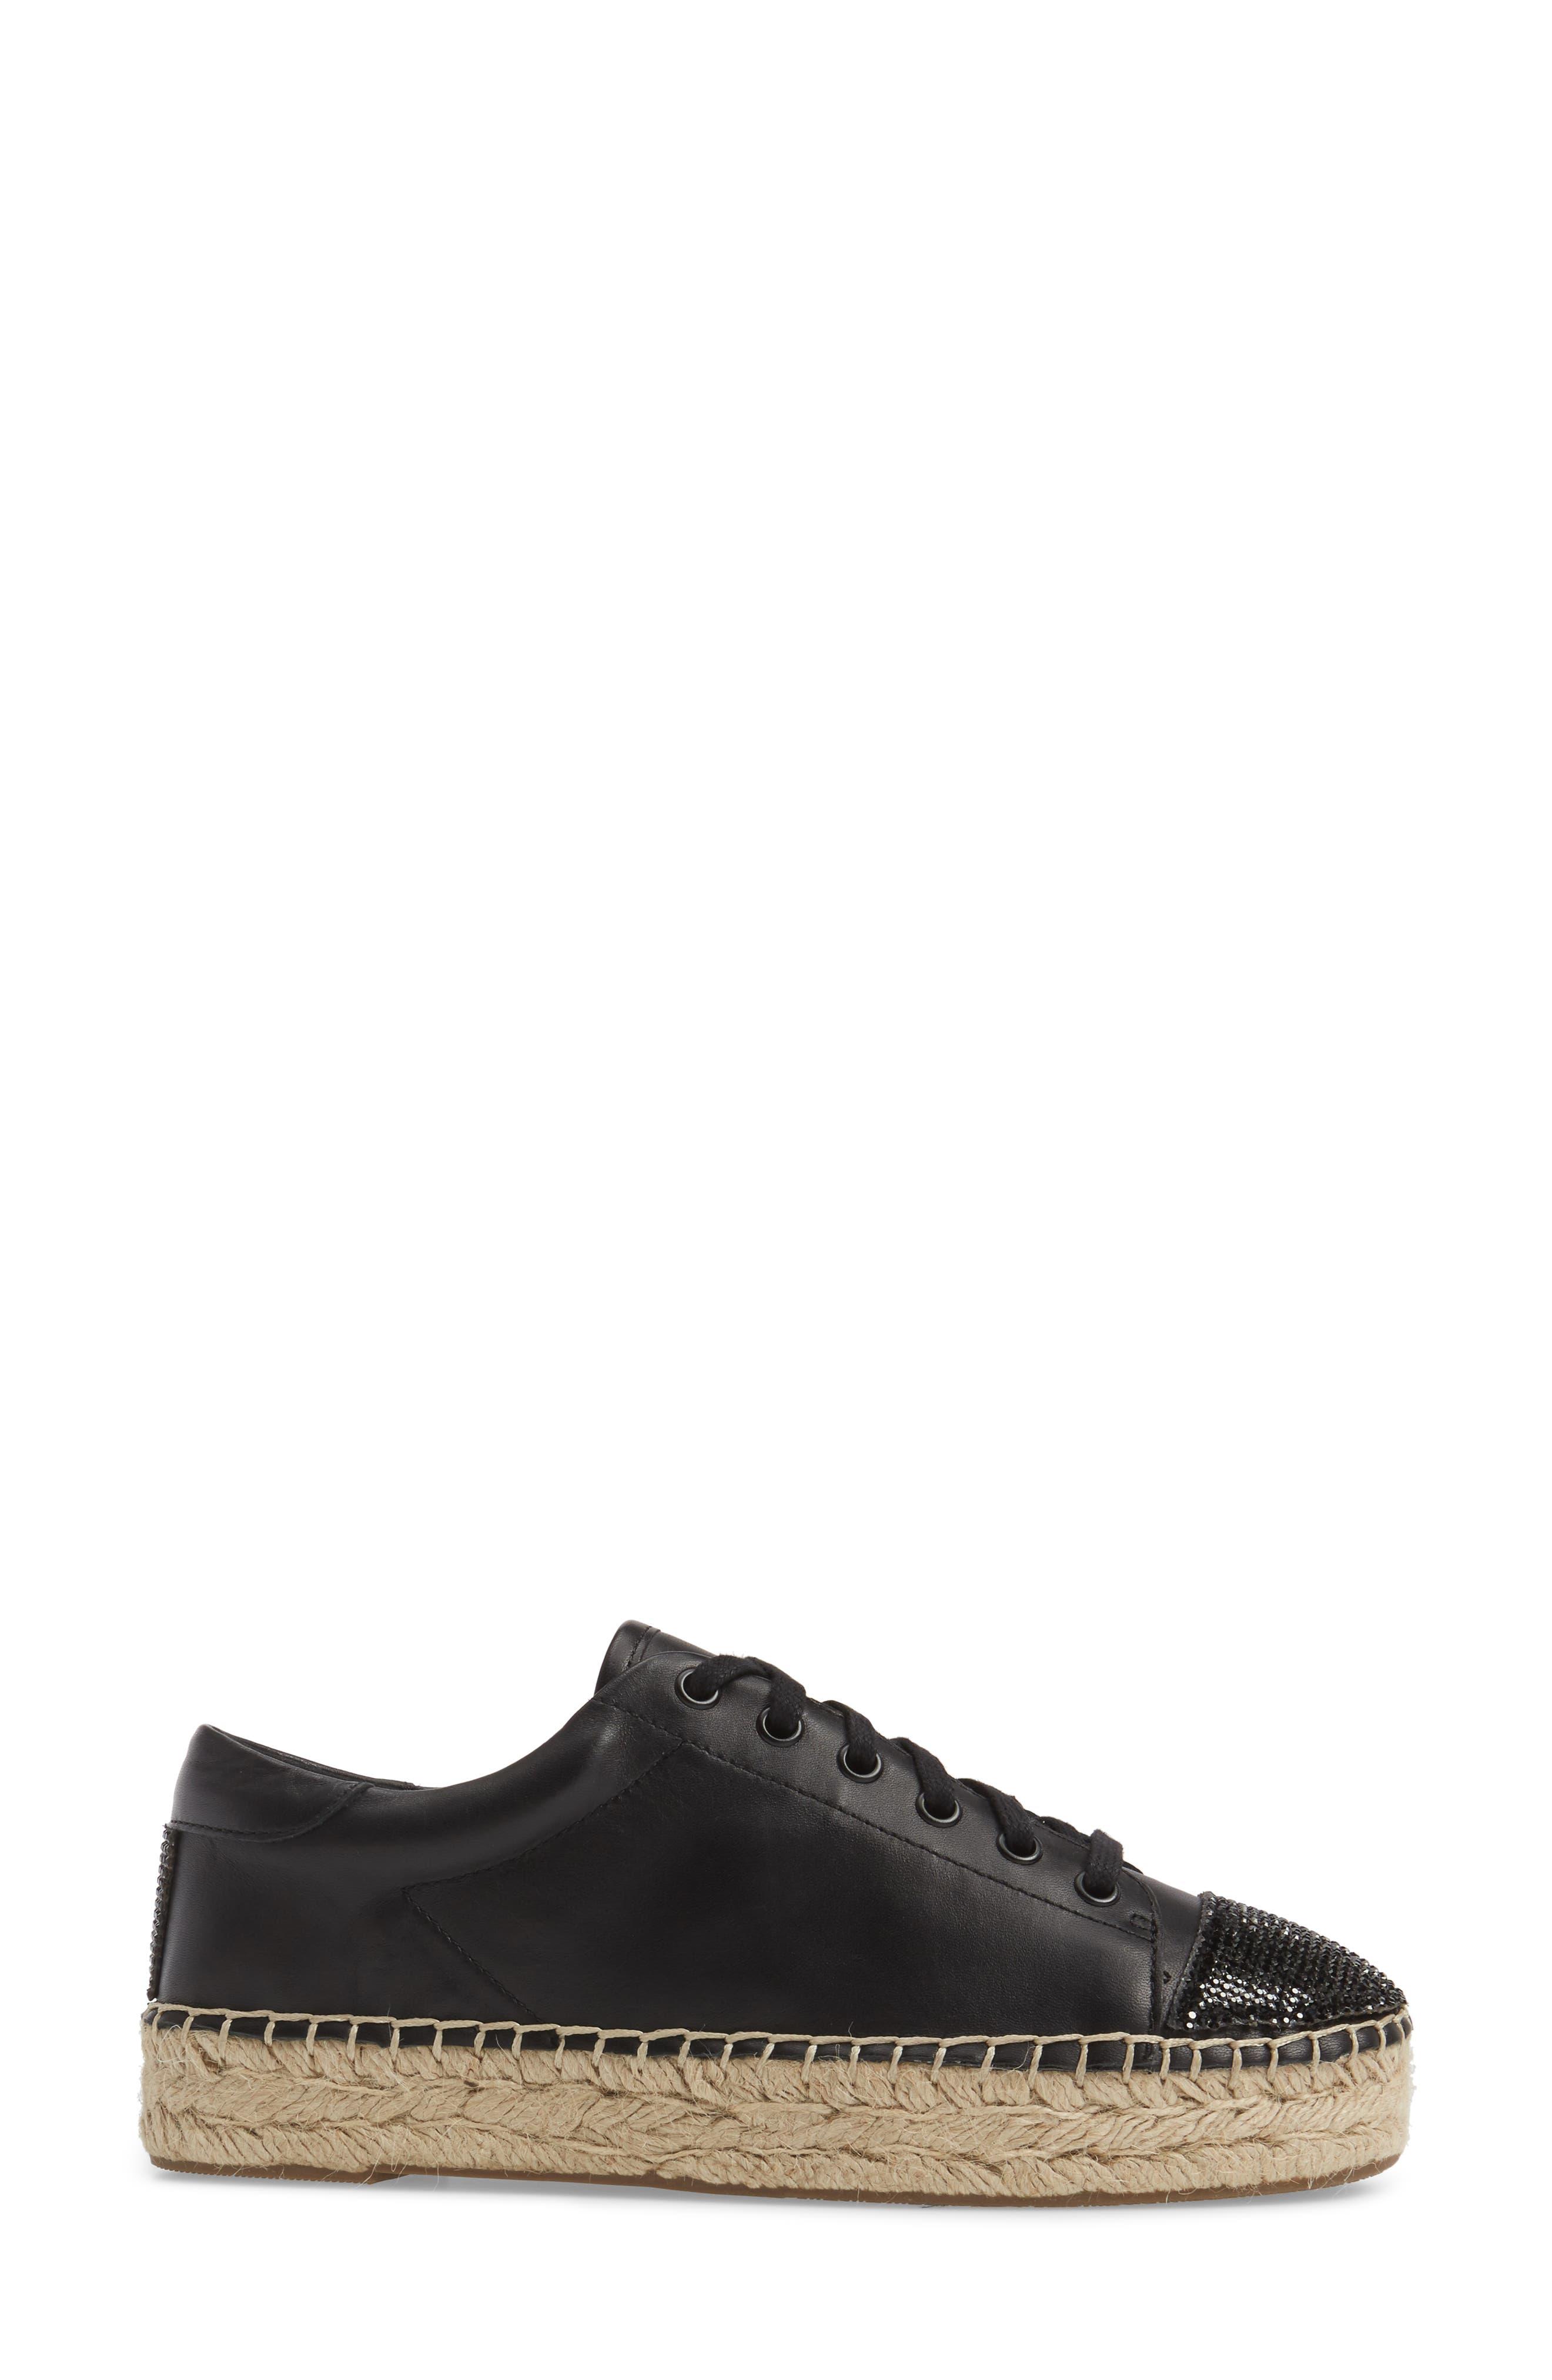 Alternate Image 3  - KENDALL + KYLIE Joslyn Espadrille Sneaker (Women)